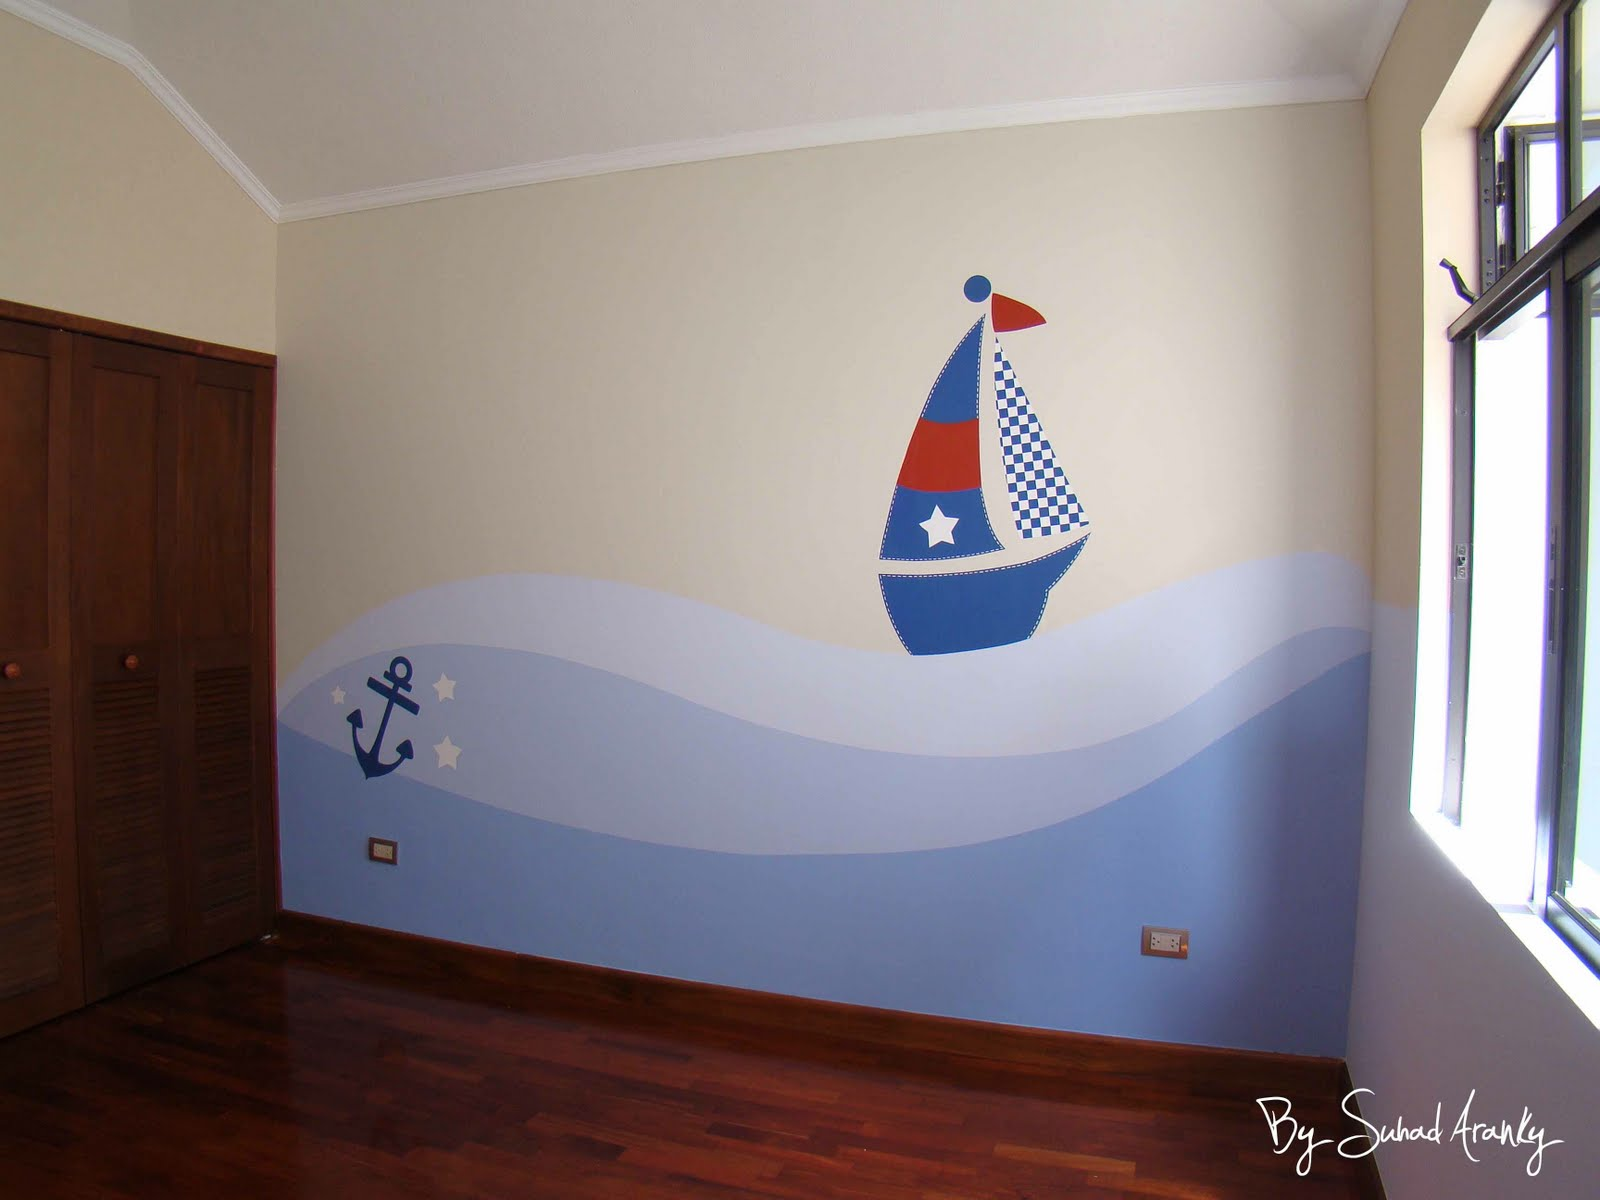 Murales en dormitorios - Habitaciones infantiles ninos 4 anos ...